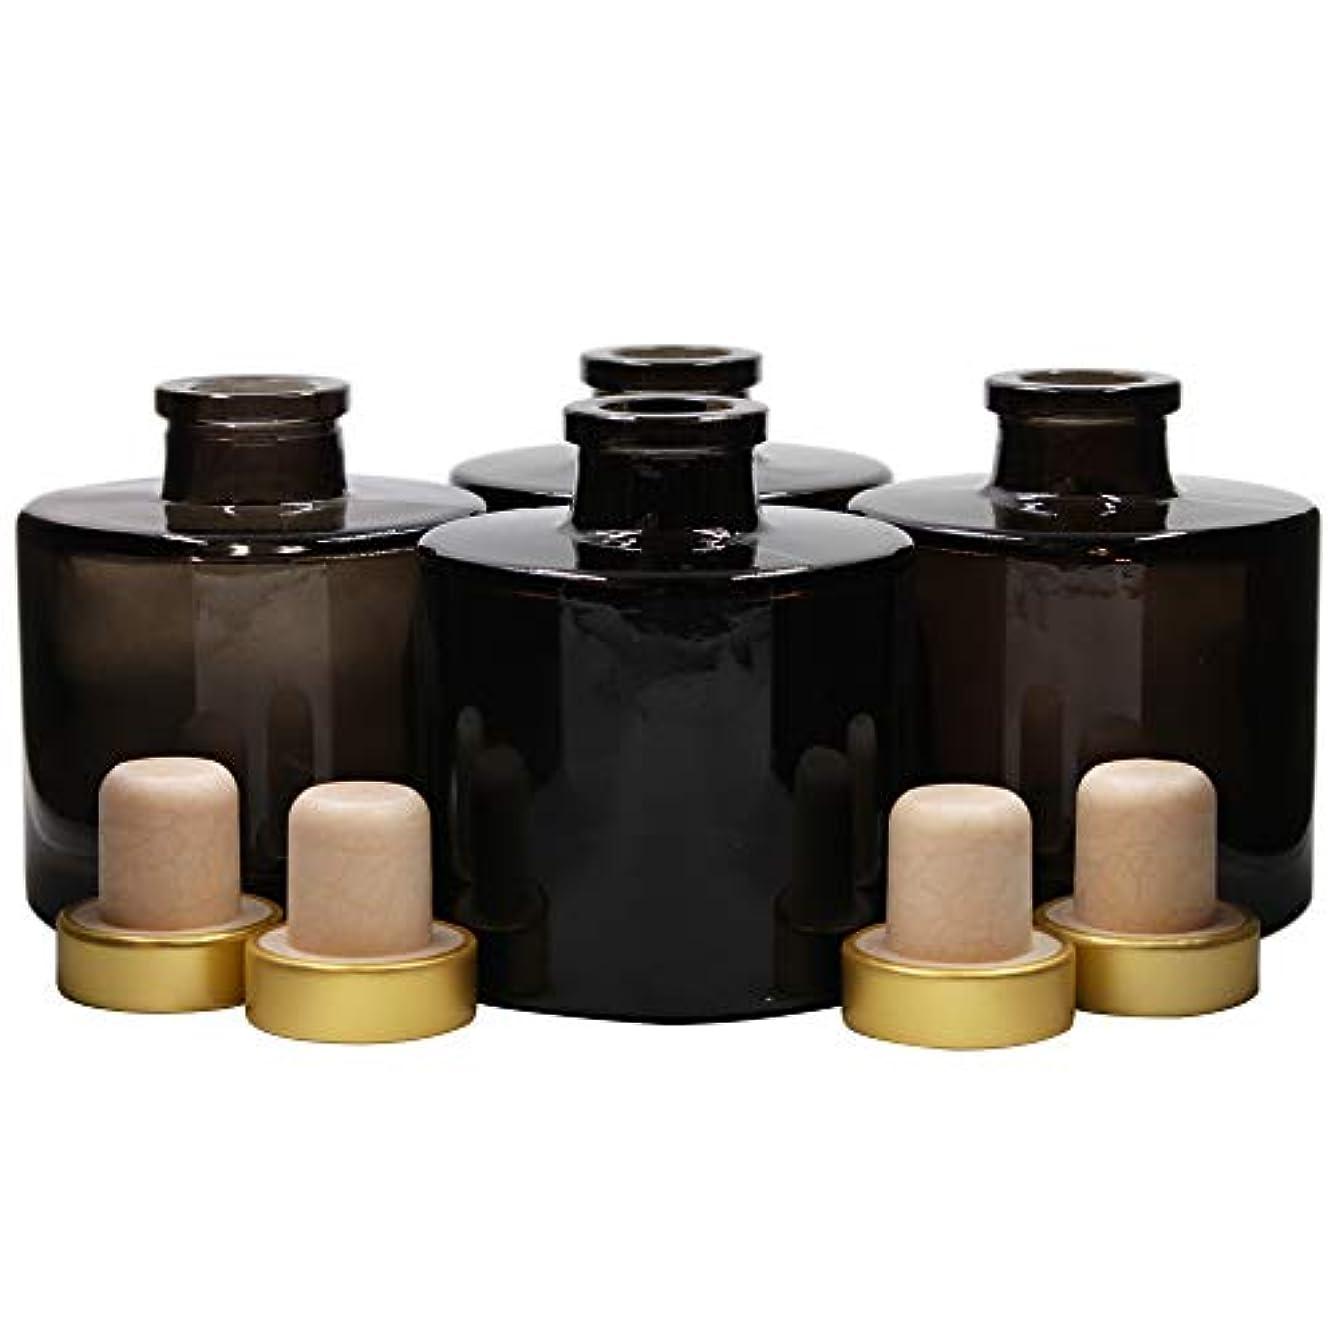 ユーモアマニュアル接続されたFeel Fragrance リードディフューザー用 リードディフューザーボトル 容器 黒色 蓋付き 4本セット (100ML円形)